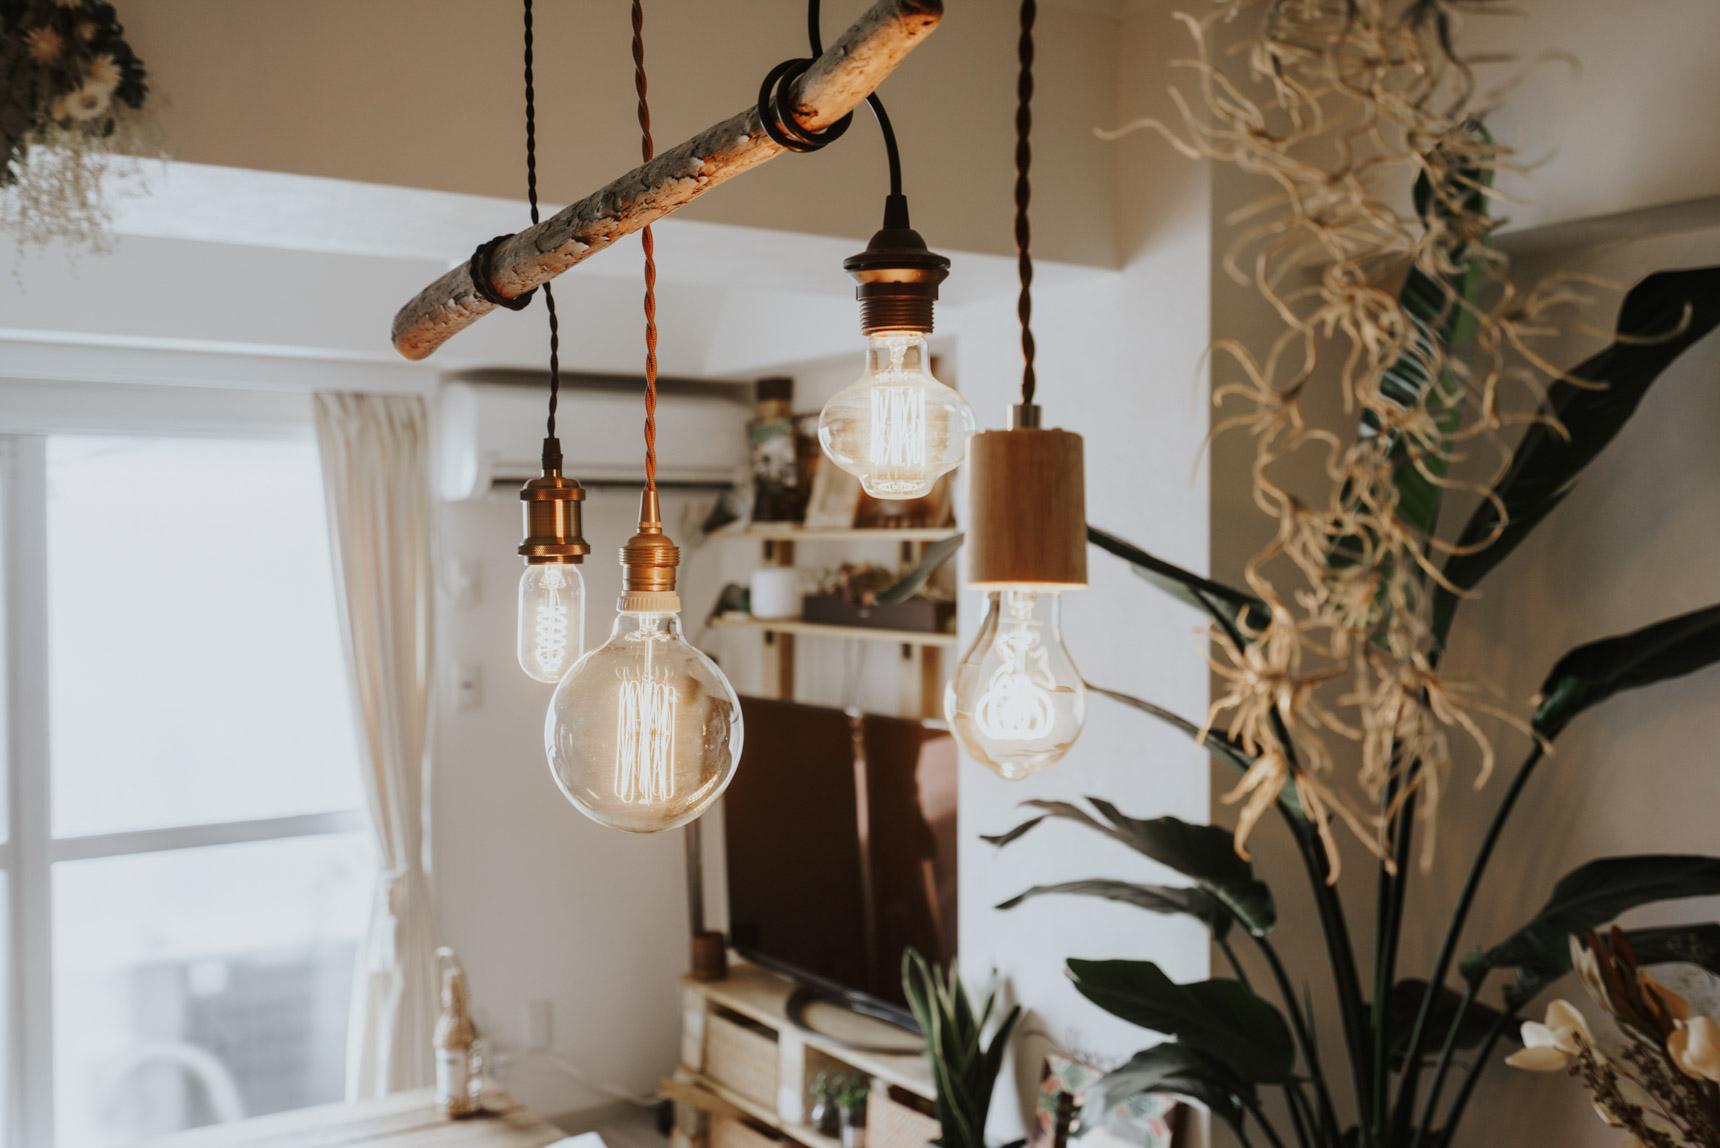 流木も、ただ飾るだけじゃなく、照明と組み合わせるアイディアがさすが。これも今すぐ真似したい。